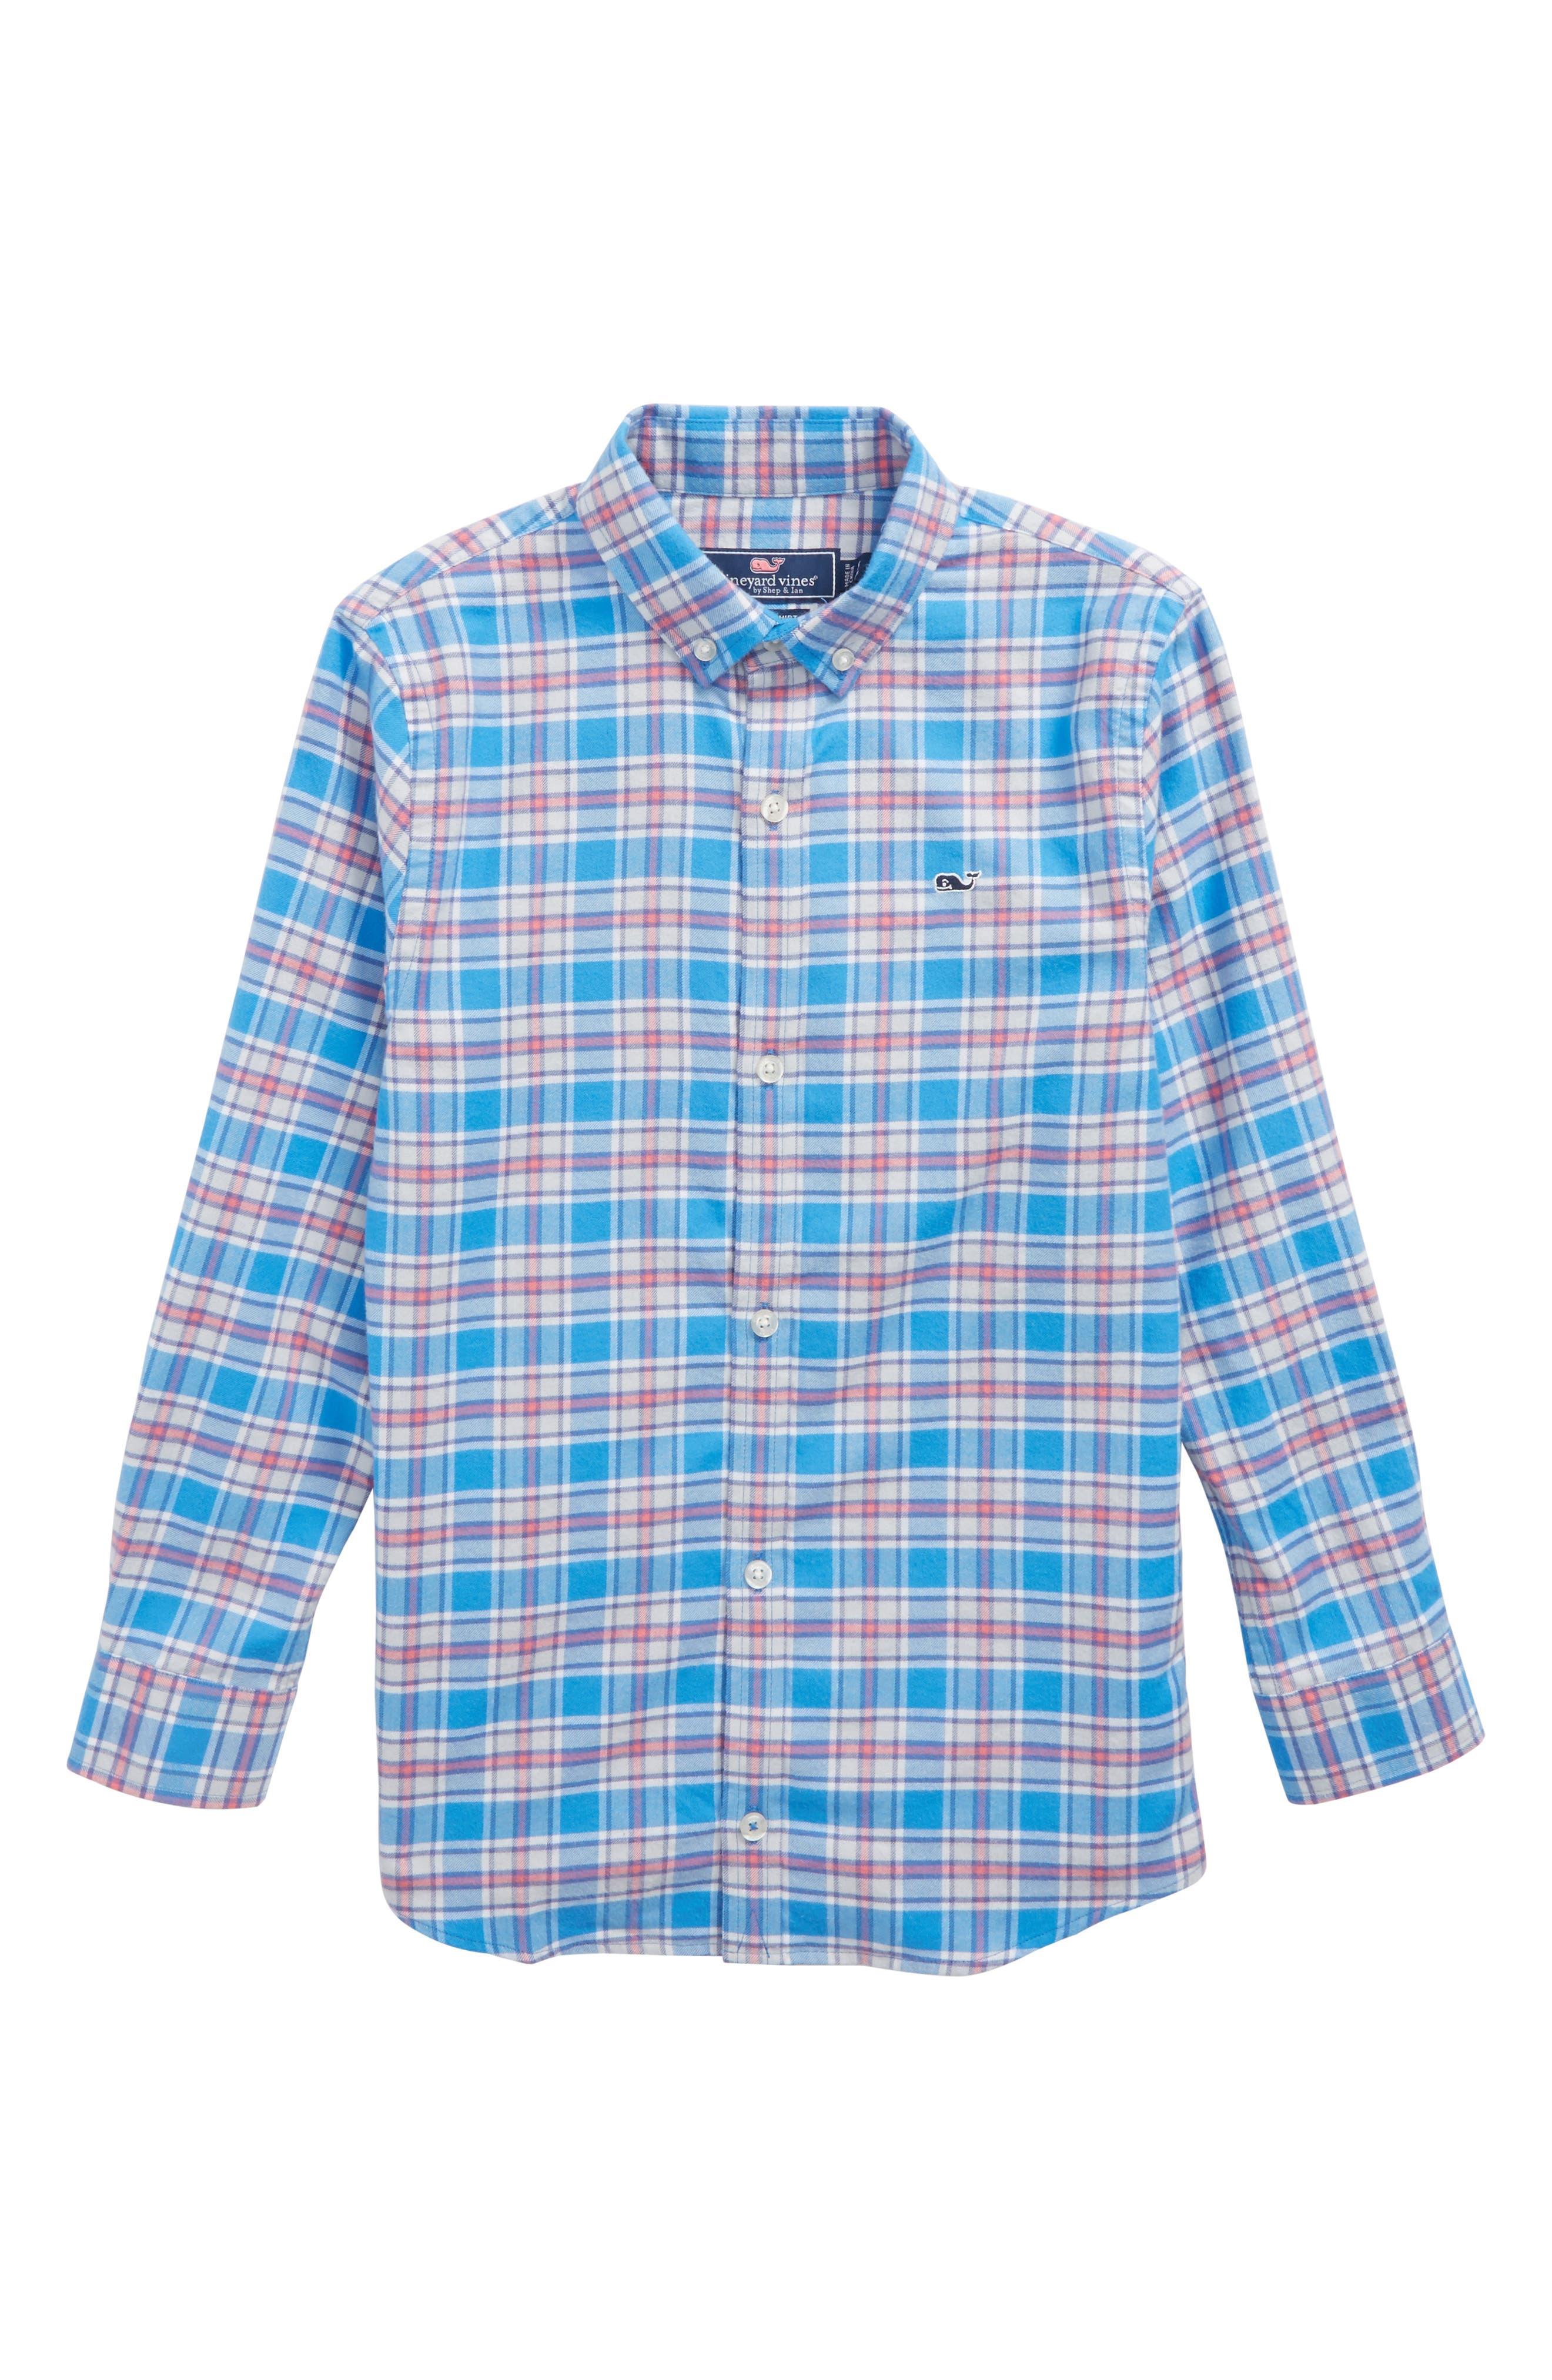 Sandy Point Plaid Whale Flannel Shirt,                         Main,                         color, 401